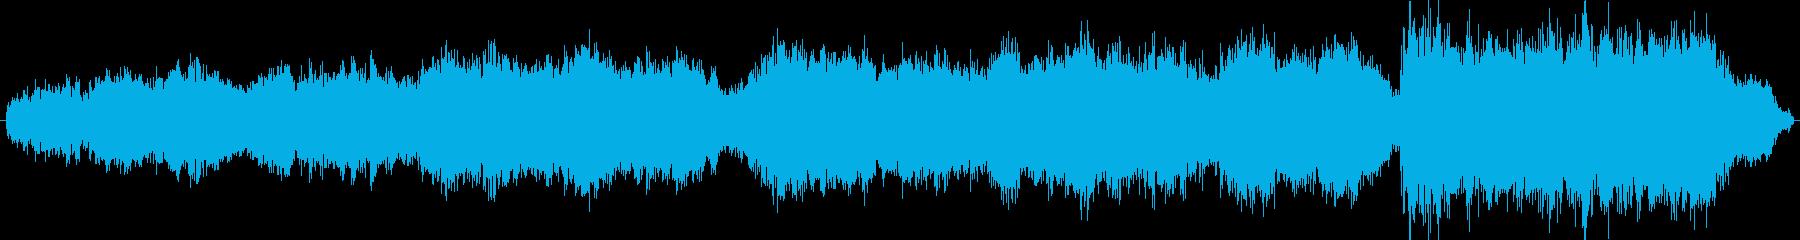 オーボエとバイオリンを使った協奏曲をシ…の再生済みの波形